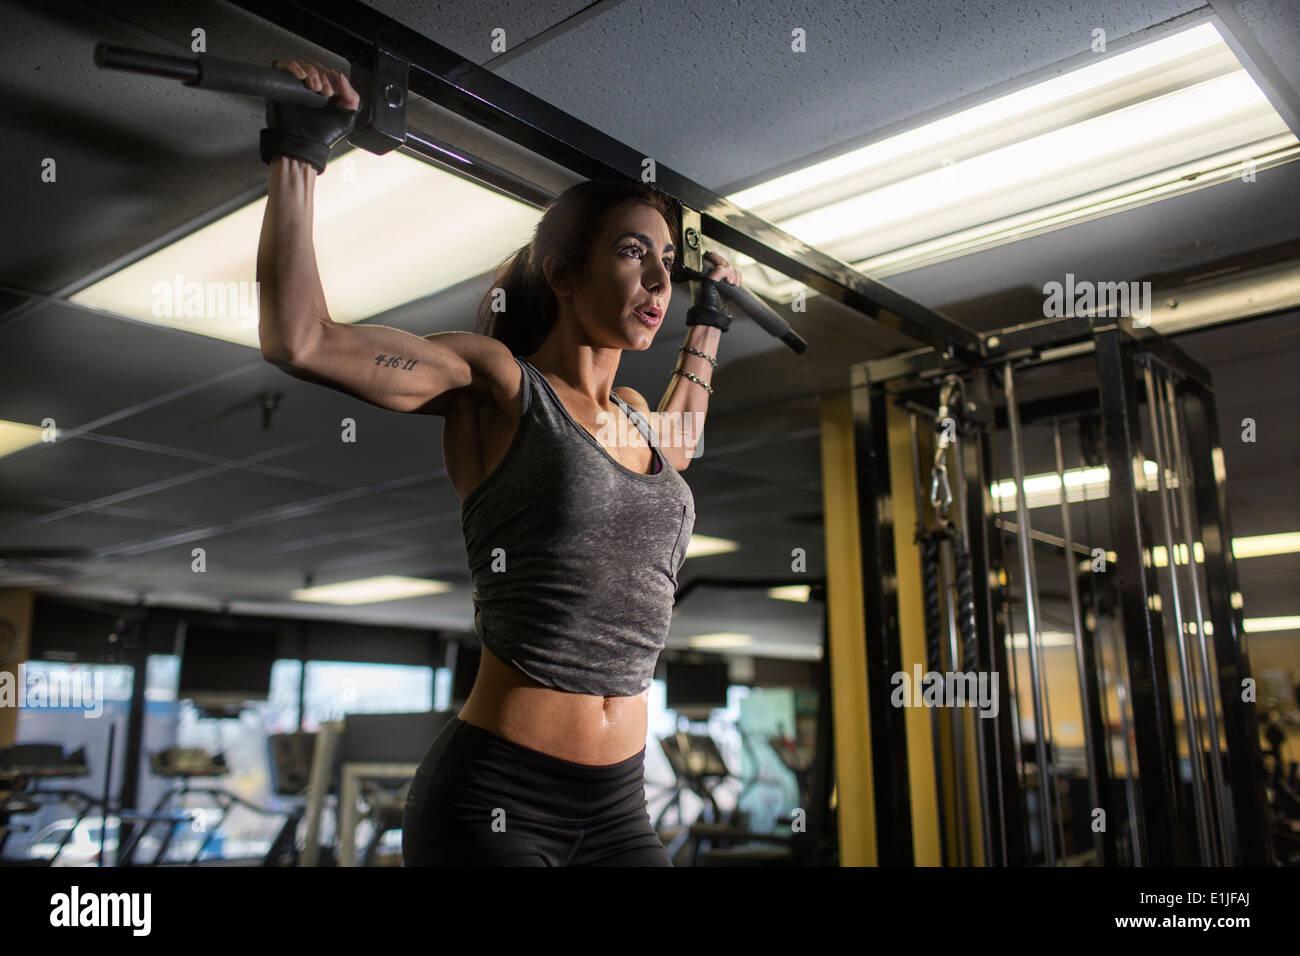 Mitad mujer adulta haciendo ejercicio en el gimnasio pectorales Imagen De Stock